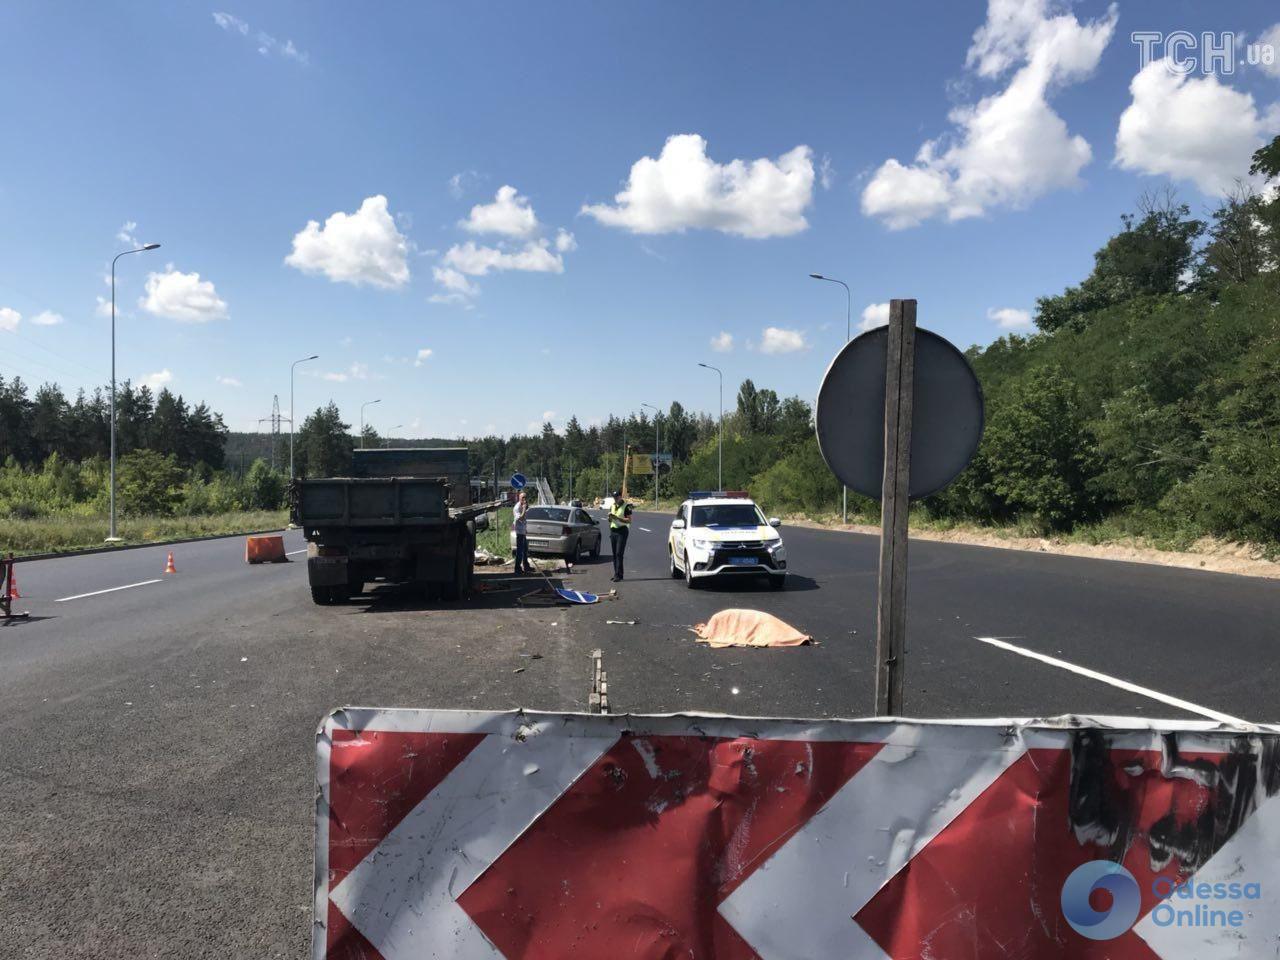 Смертельное ДТП на трассе Киев-Одесса: один человек погиб, четверо – в реанимации